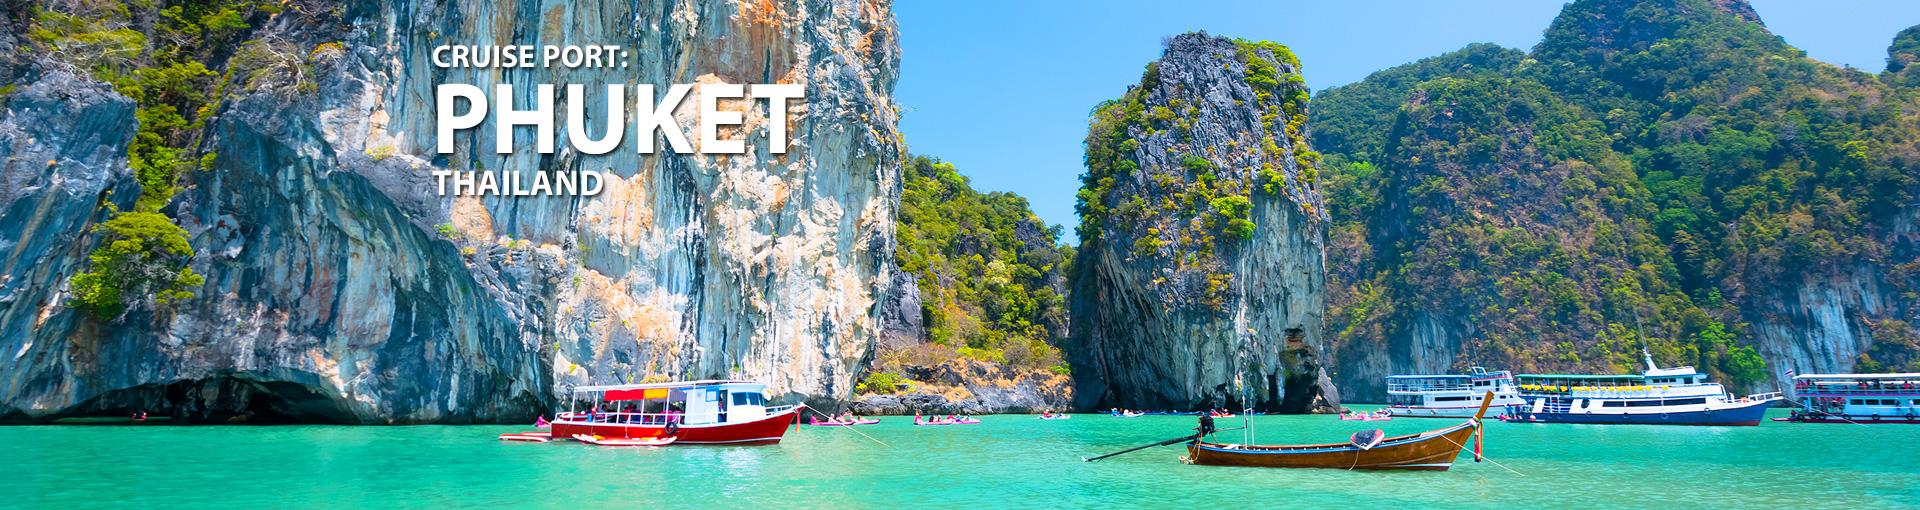 Cruises to Phuket, Thailand